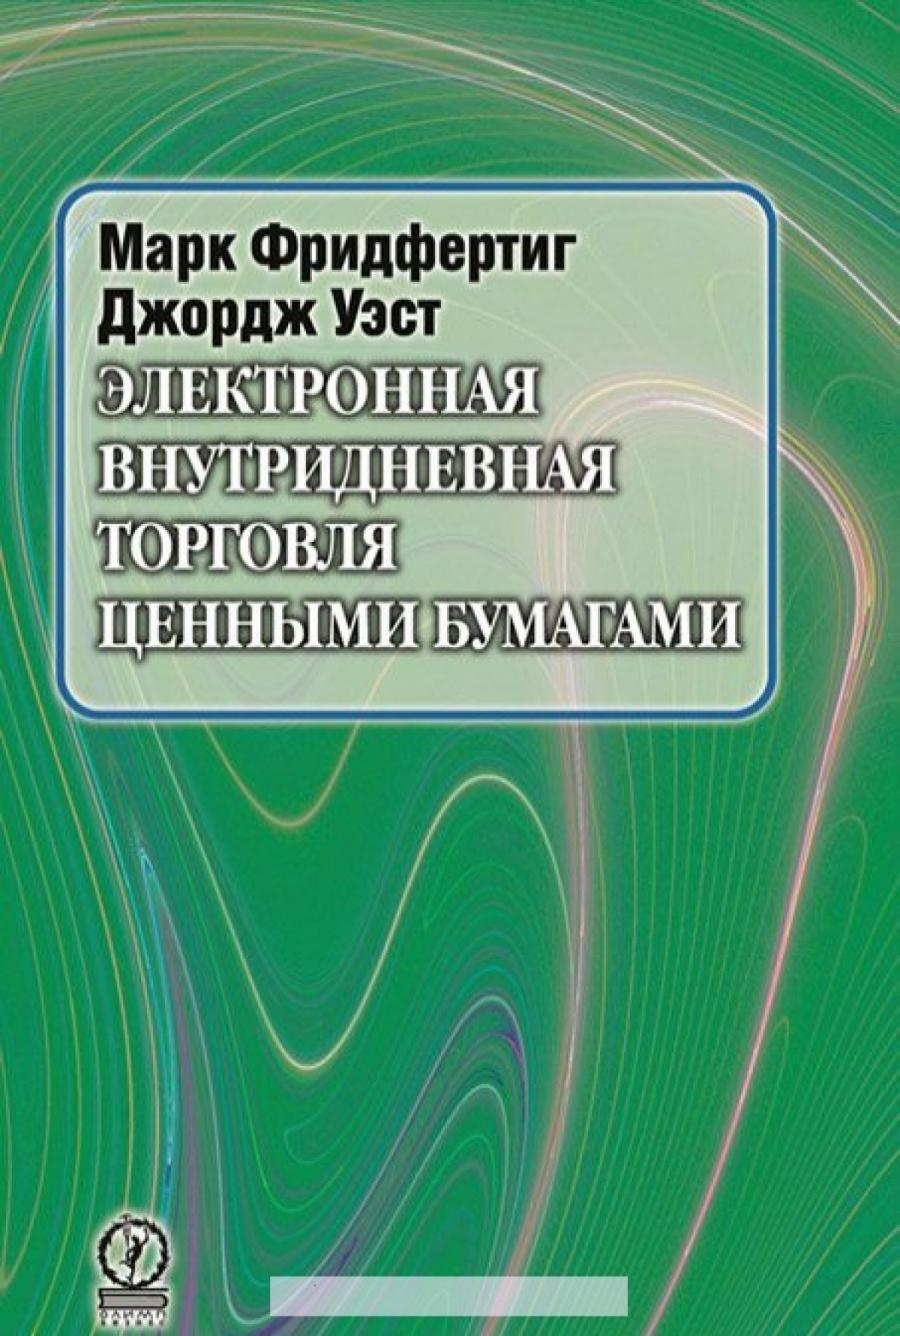 Обложка книги:  м. фридфертиг, д. уэст - электронная внутридневная торговля ценными бумагами.